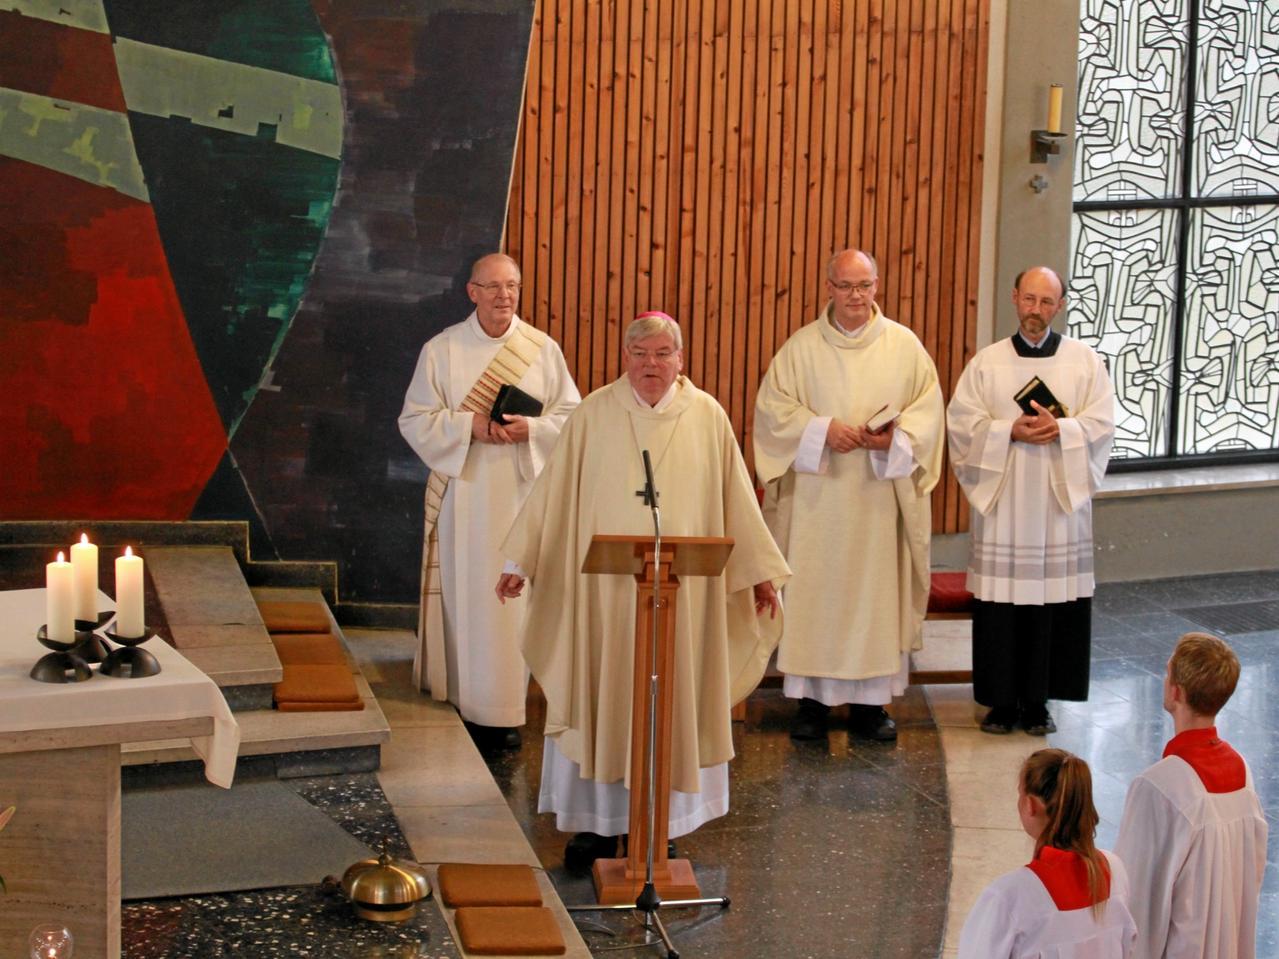 Bischof Bongartz in der Liebfrauenkirche